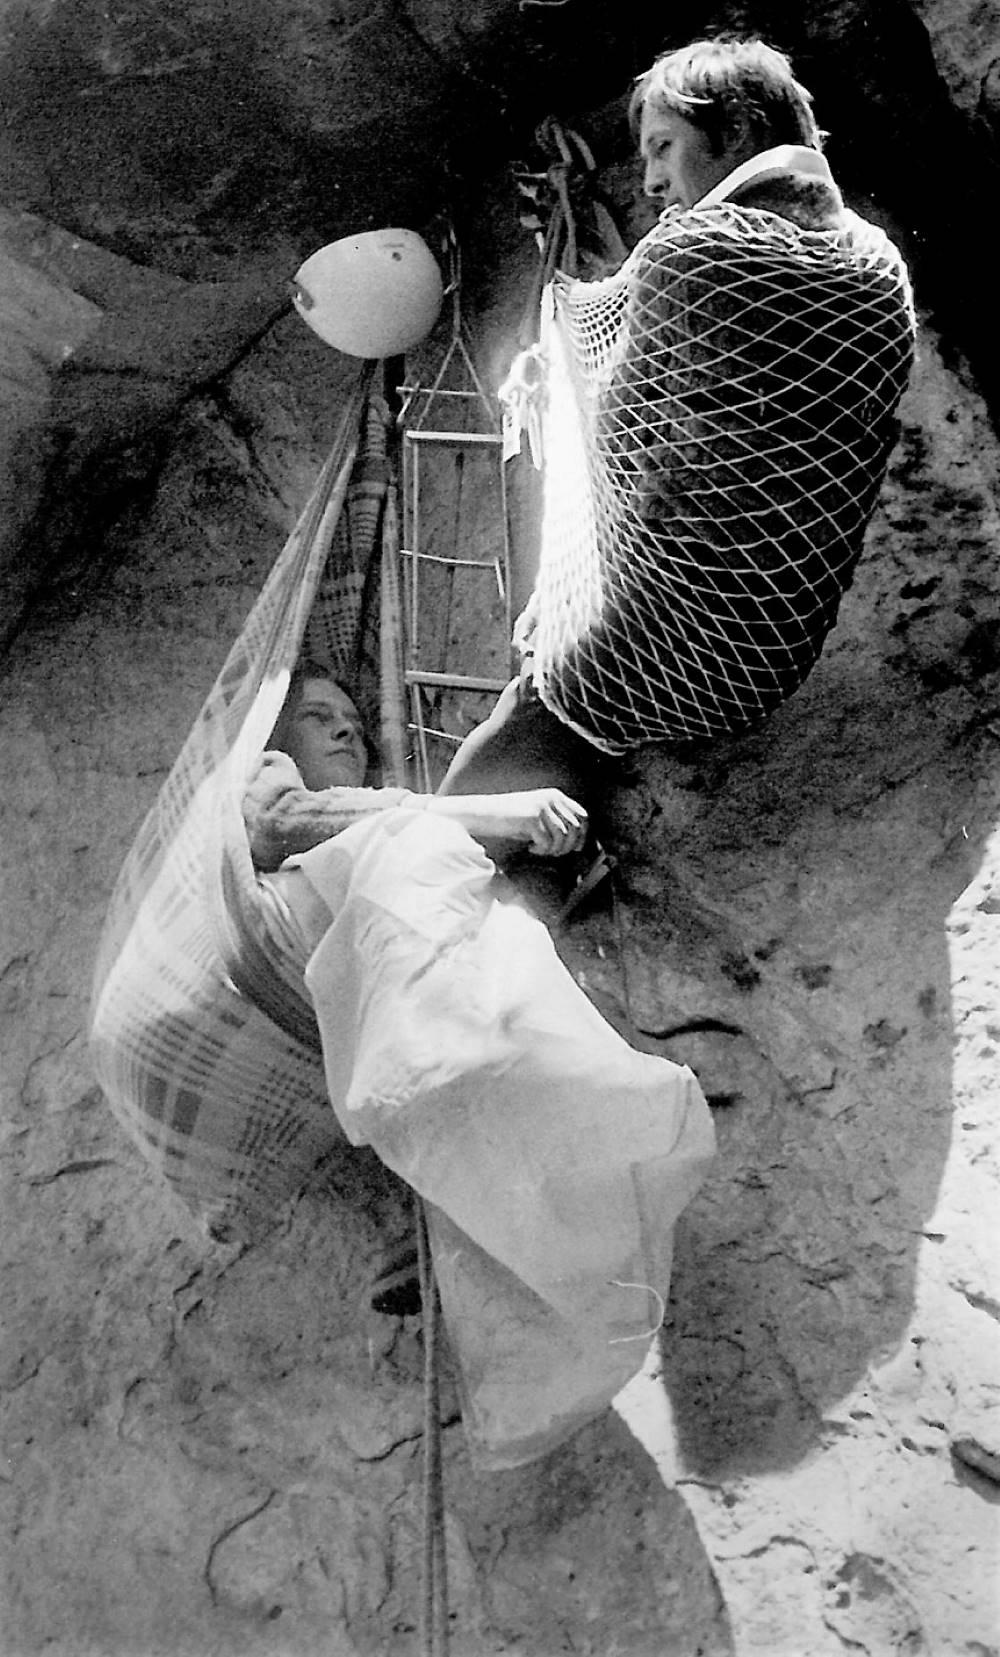 Stříbrňák a Honza Chroust III,m Záklůady horoezectví, bivak Sušky jaro 1973